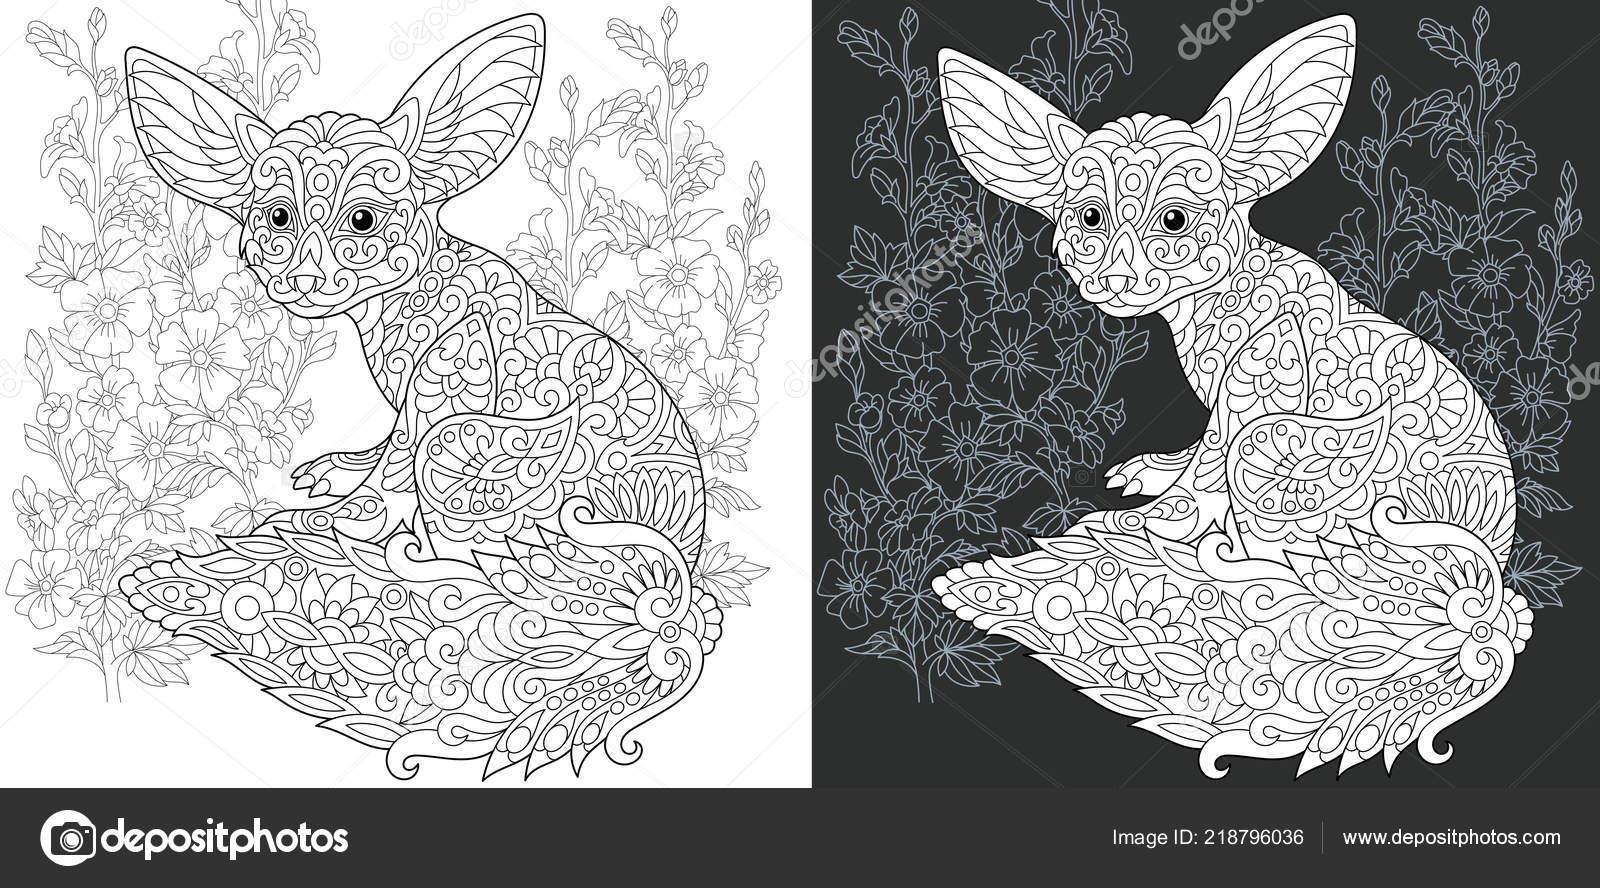 Malvorlagen Malbuch Ausmalbild Mit Fennec Fox Zentangle Stil